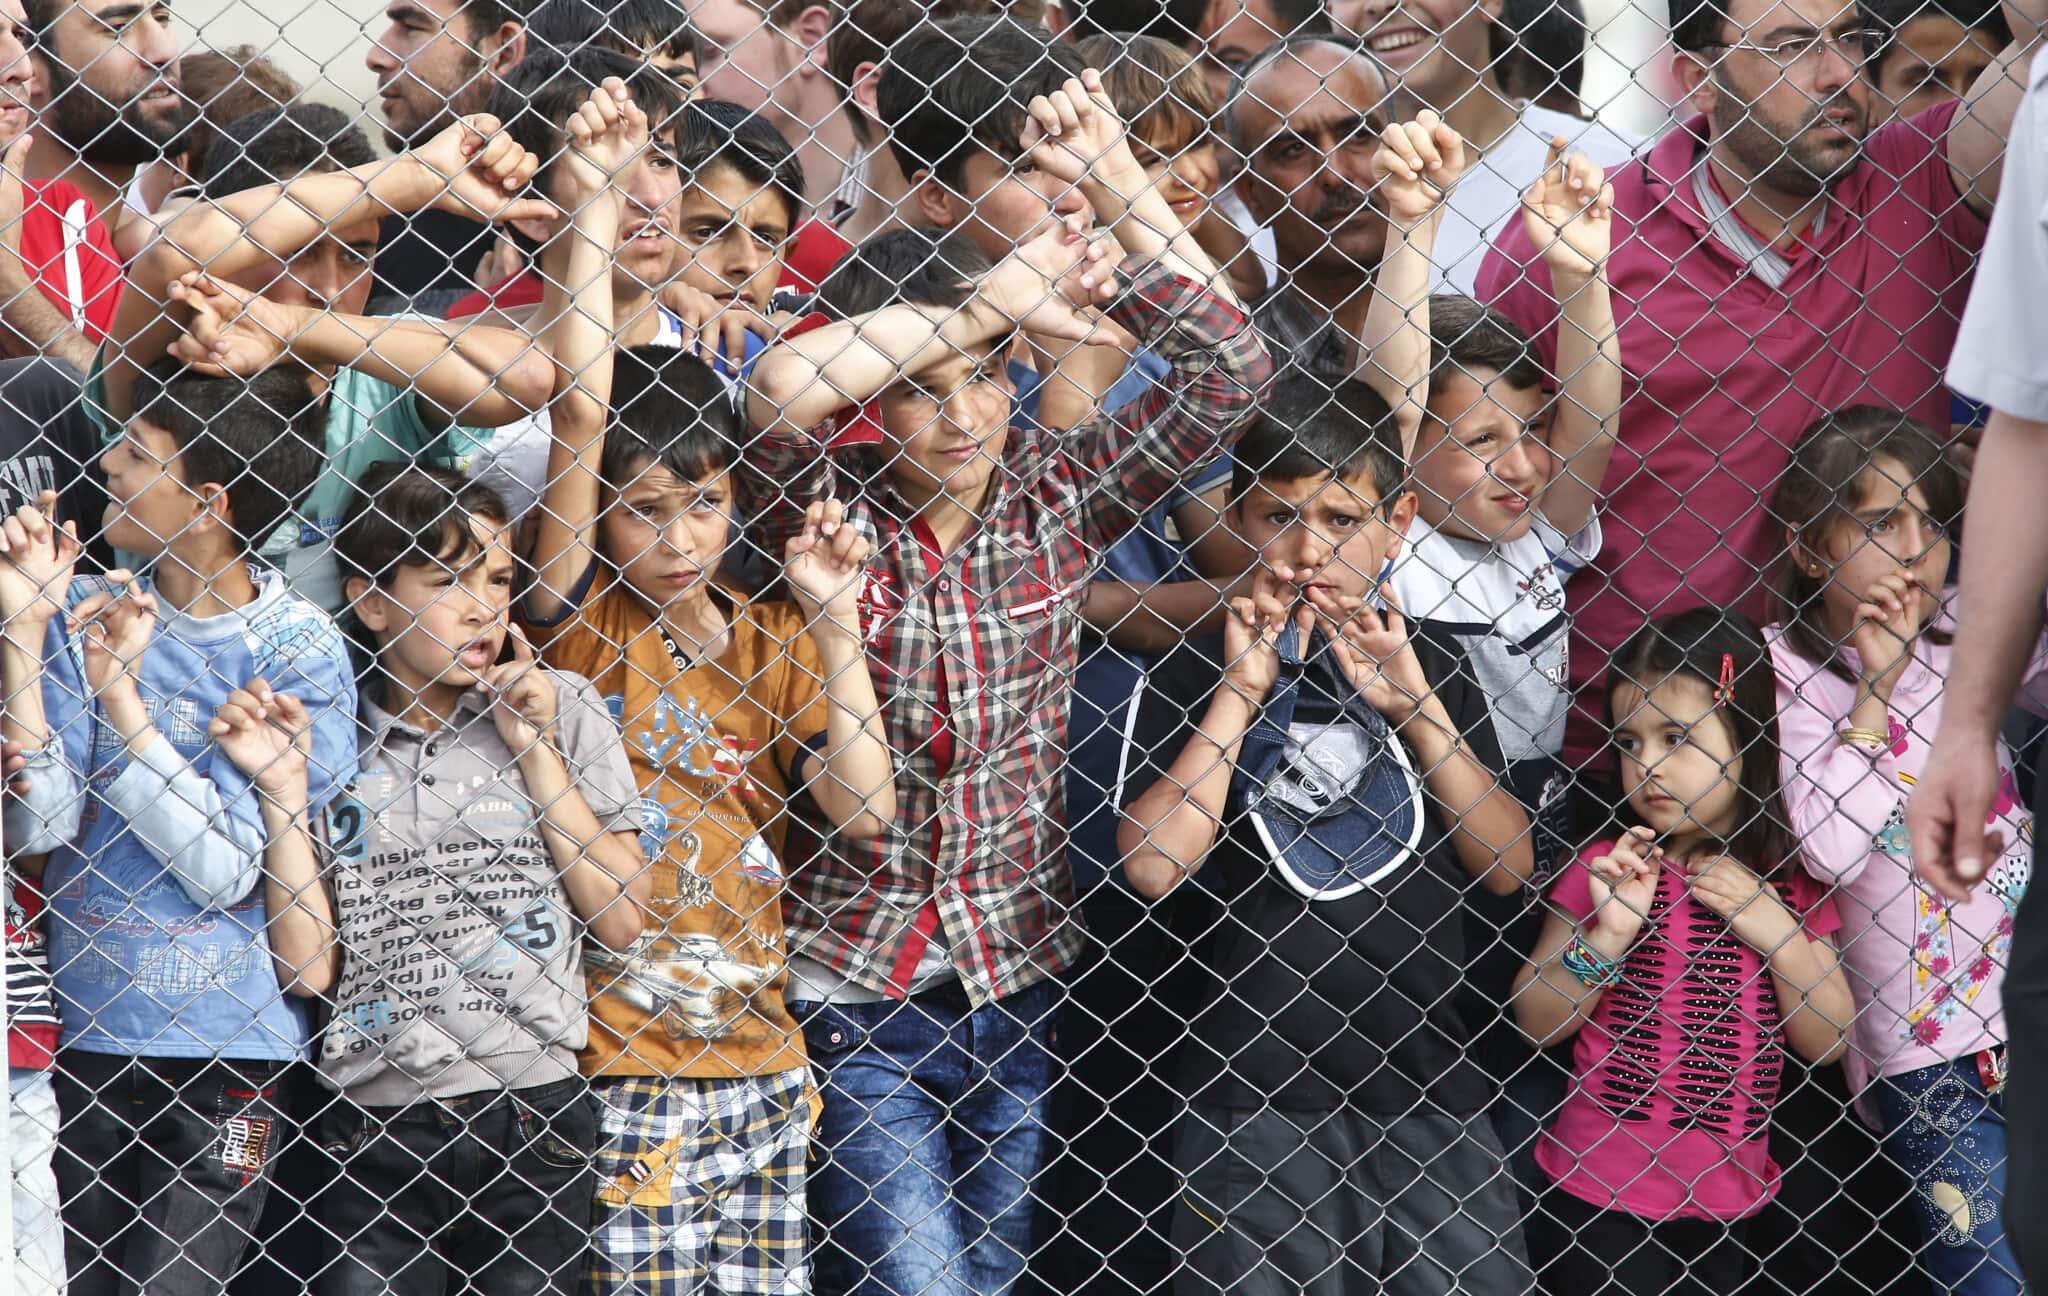 פליטים מסוריה במחנה פליטים בדרום טורקיה, אפריל 2016 (צילום: AP Photo/Lefteris Pitarakis)